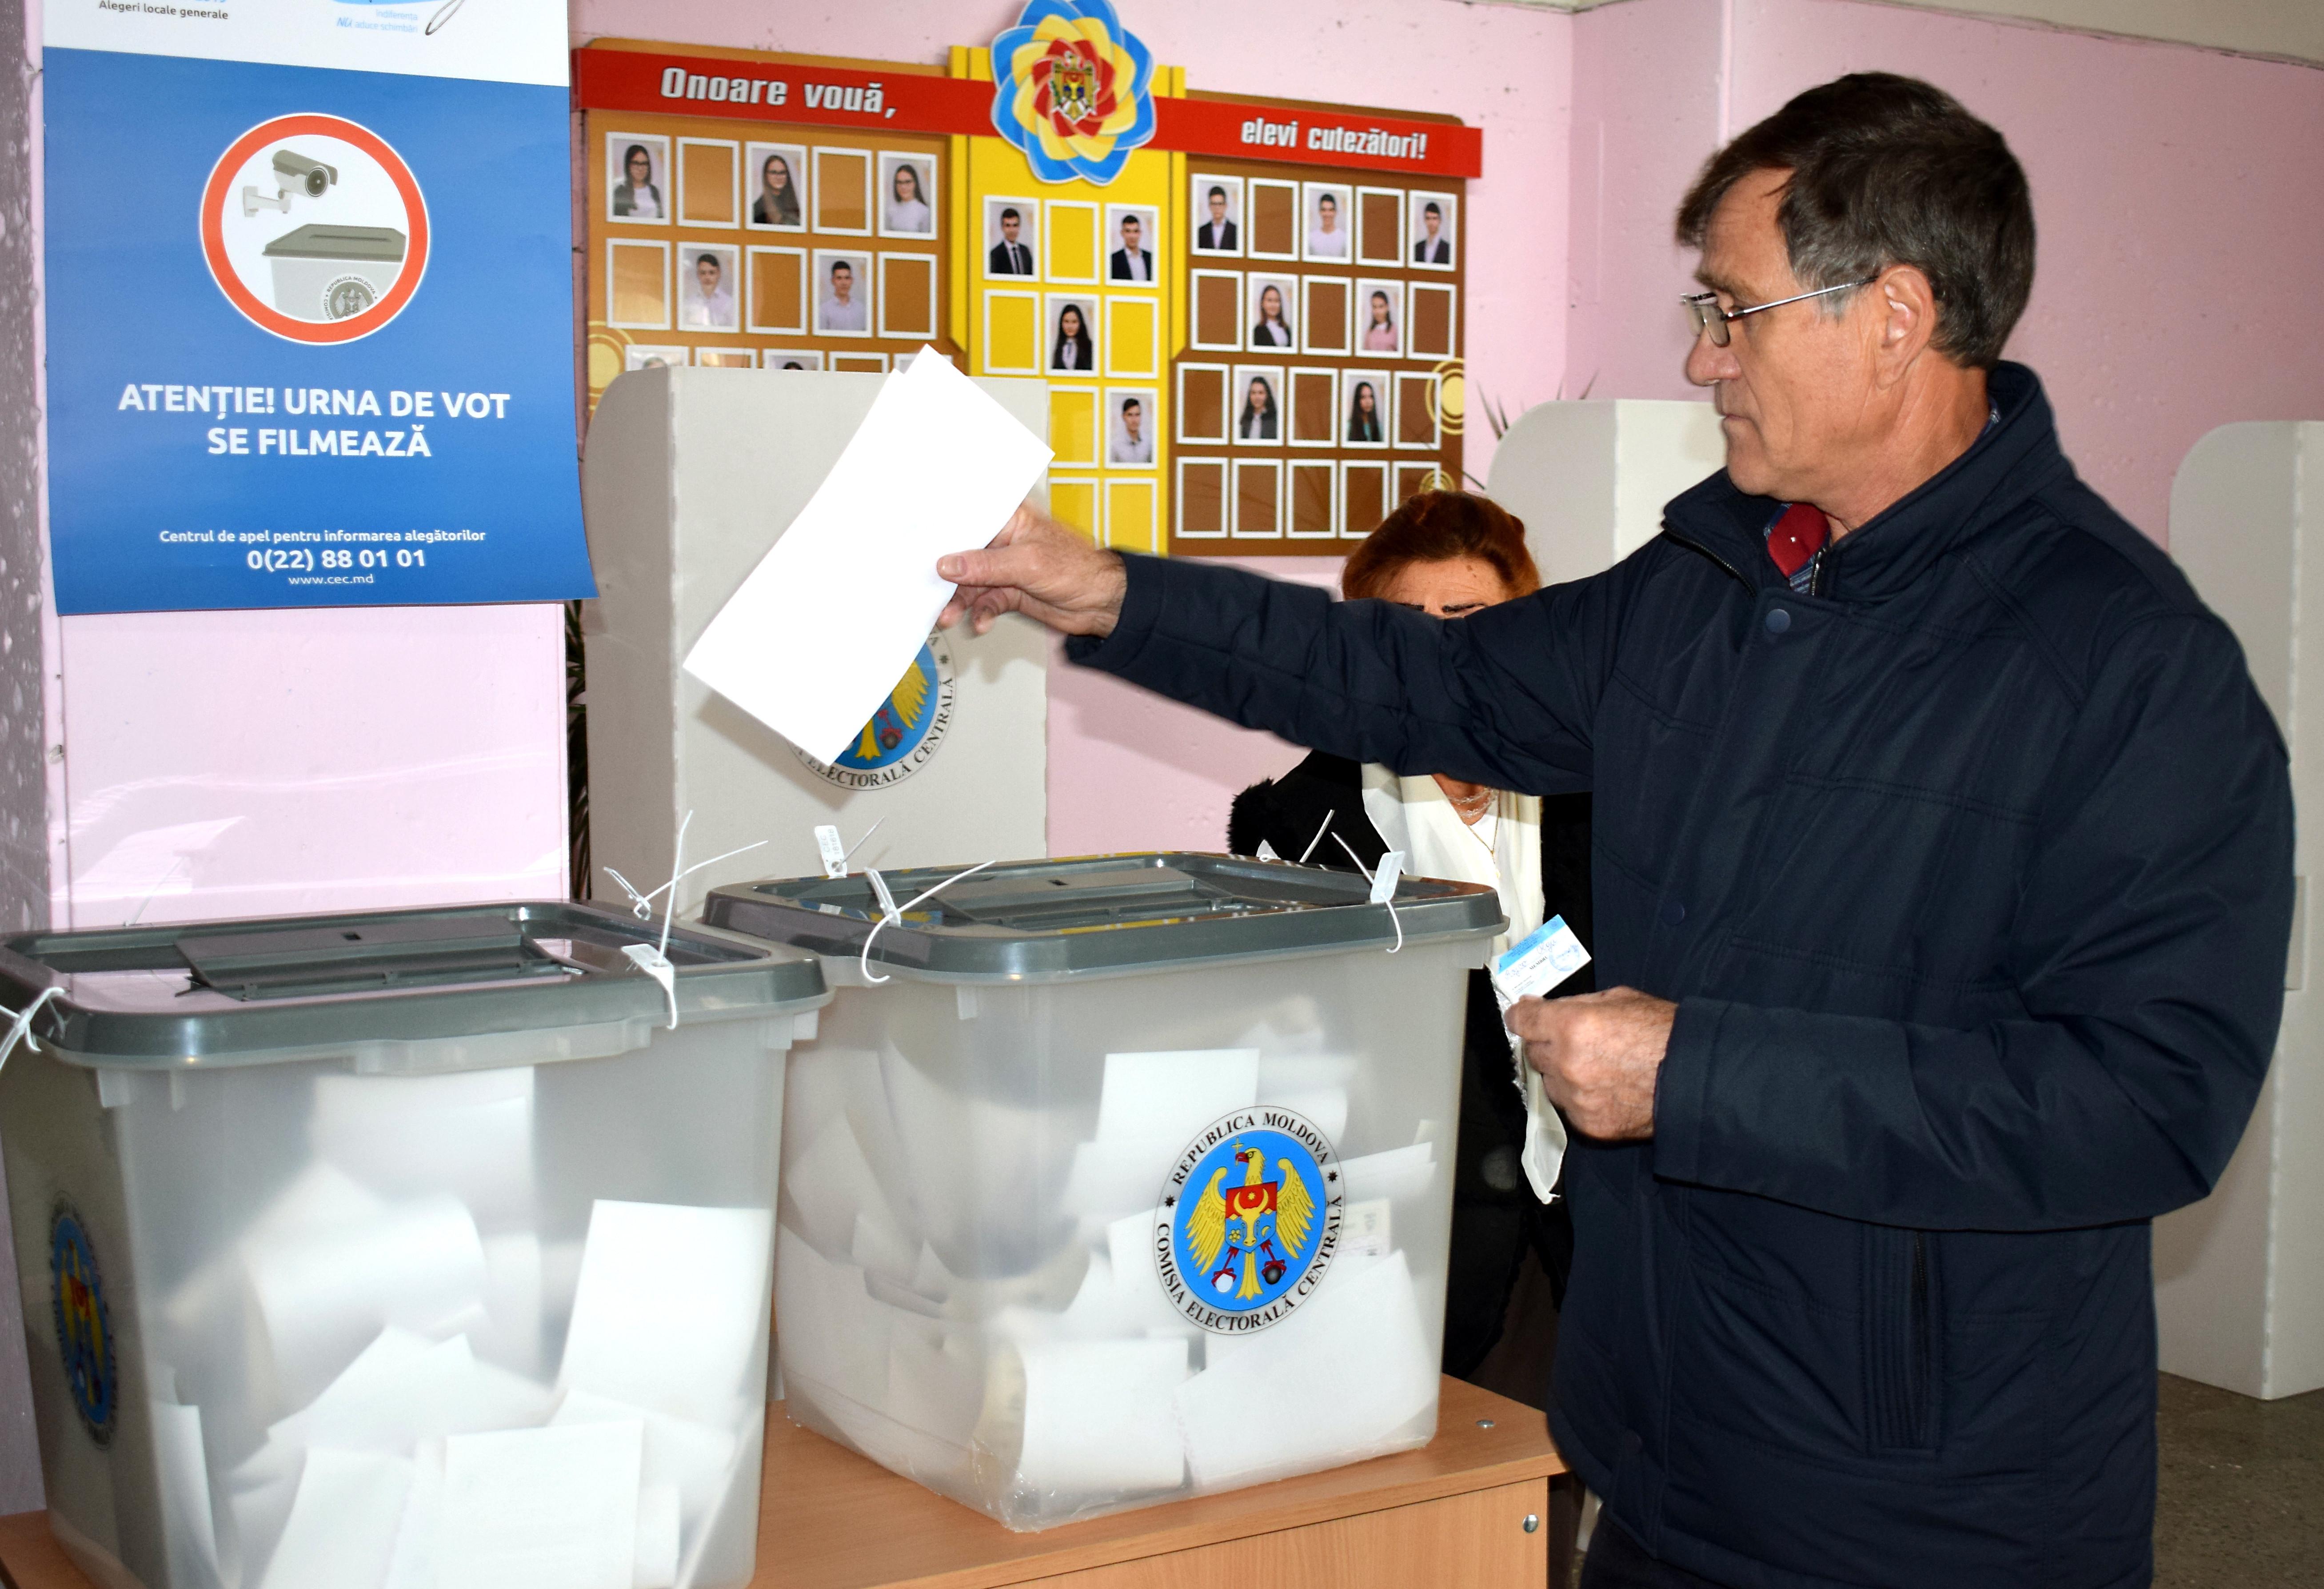 Alegeri locale în Republica Moldova. Cine se luptă în turul 2 pentru primăria Chișinăului